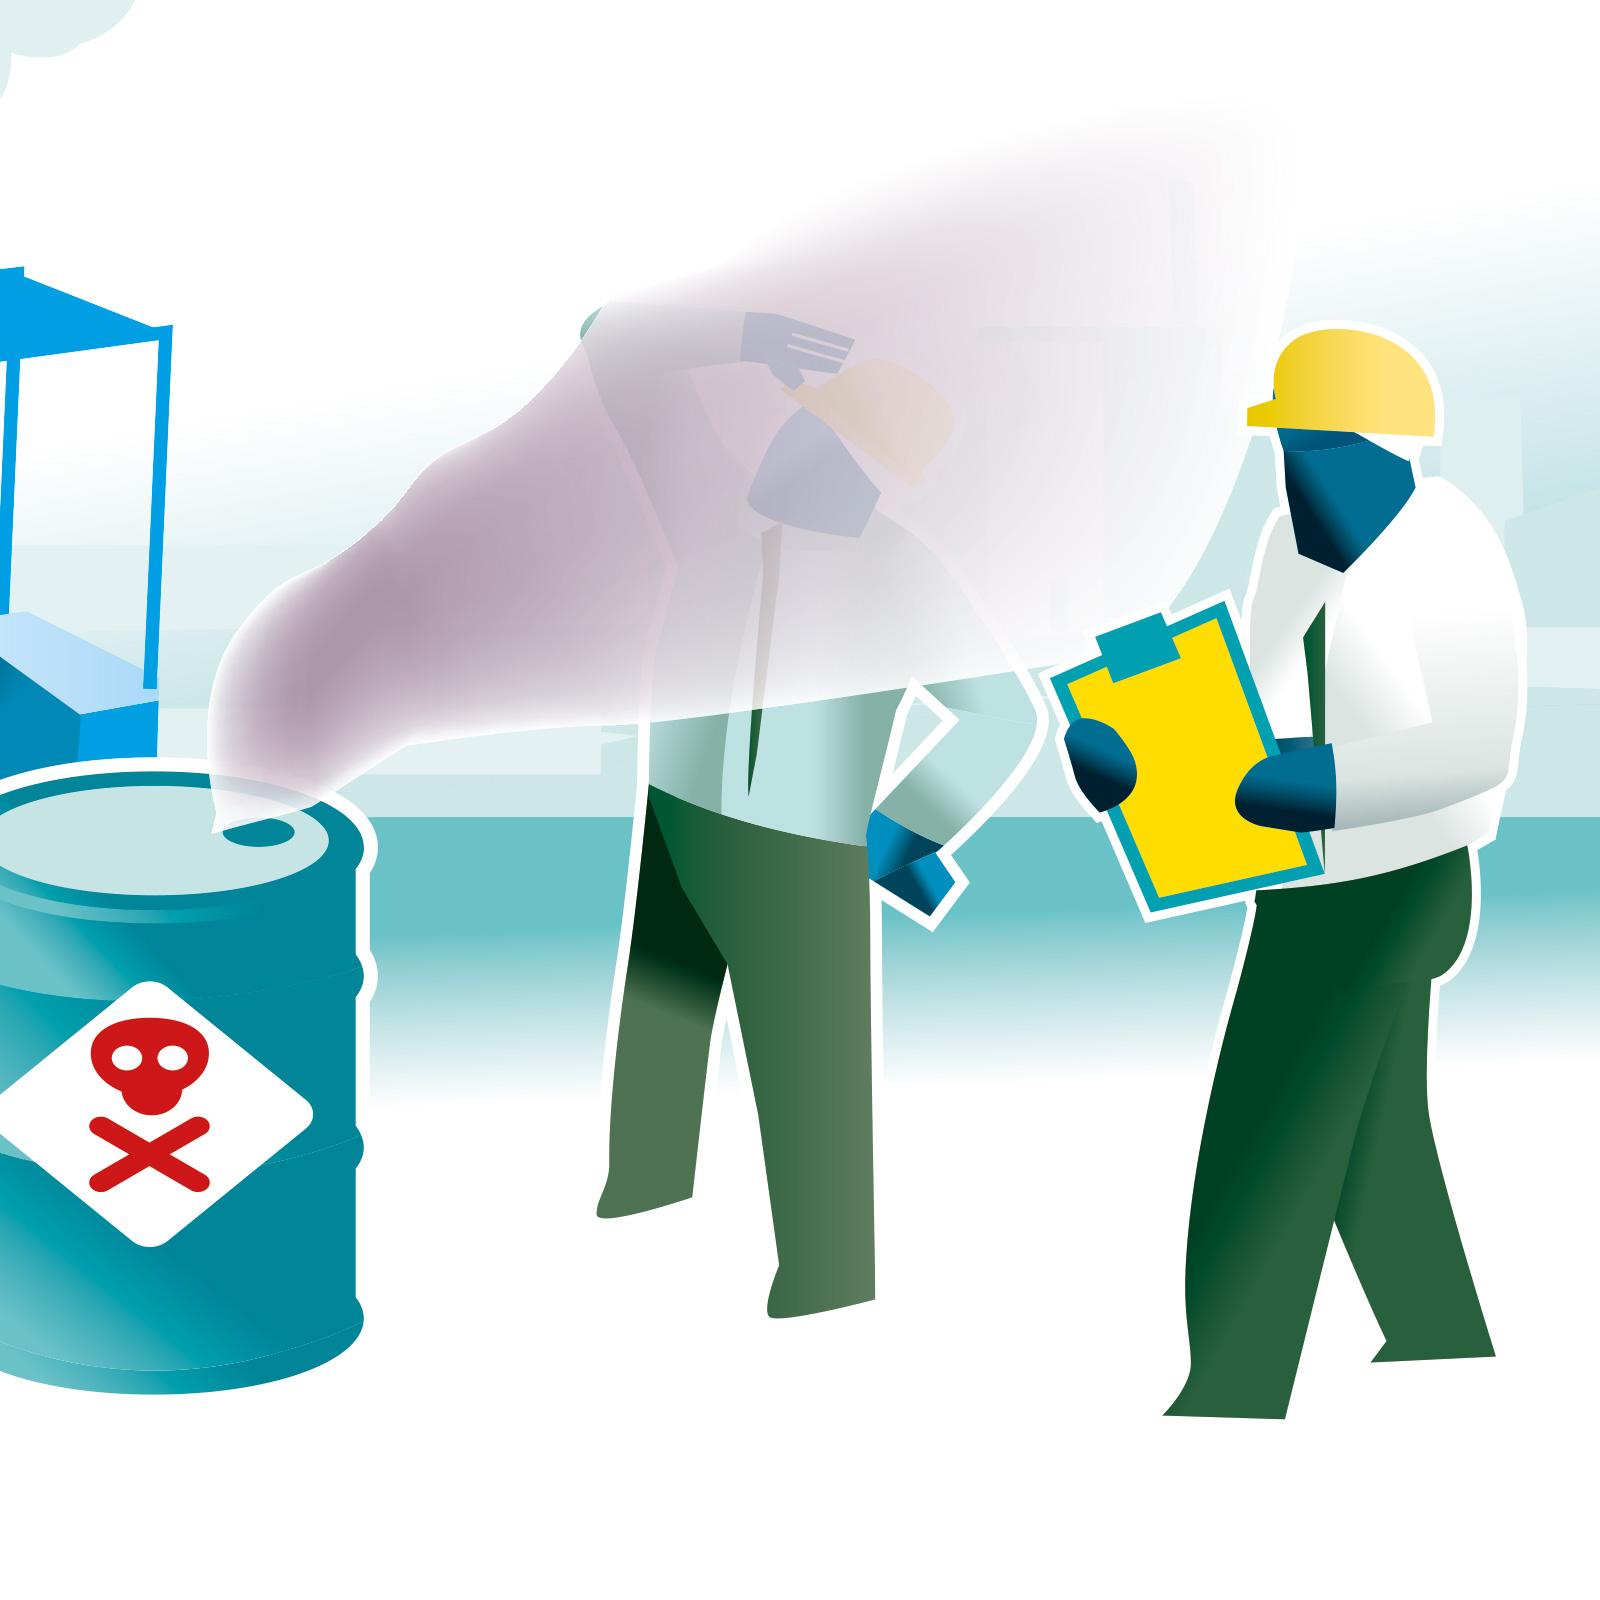 SZW_gevaarlijke-stoffen.jpg